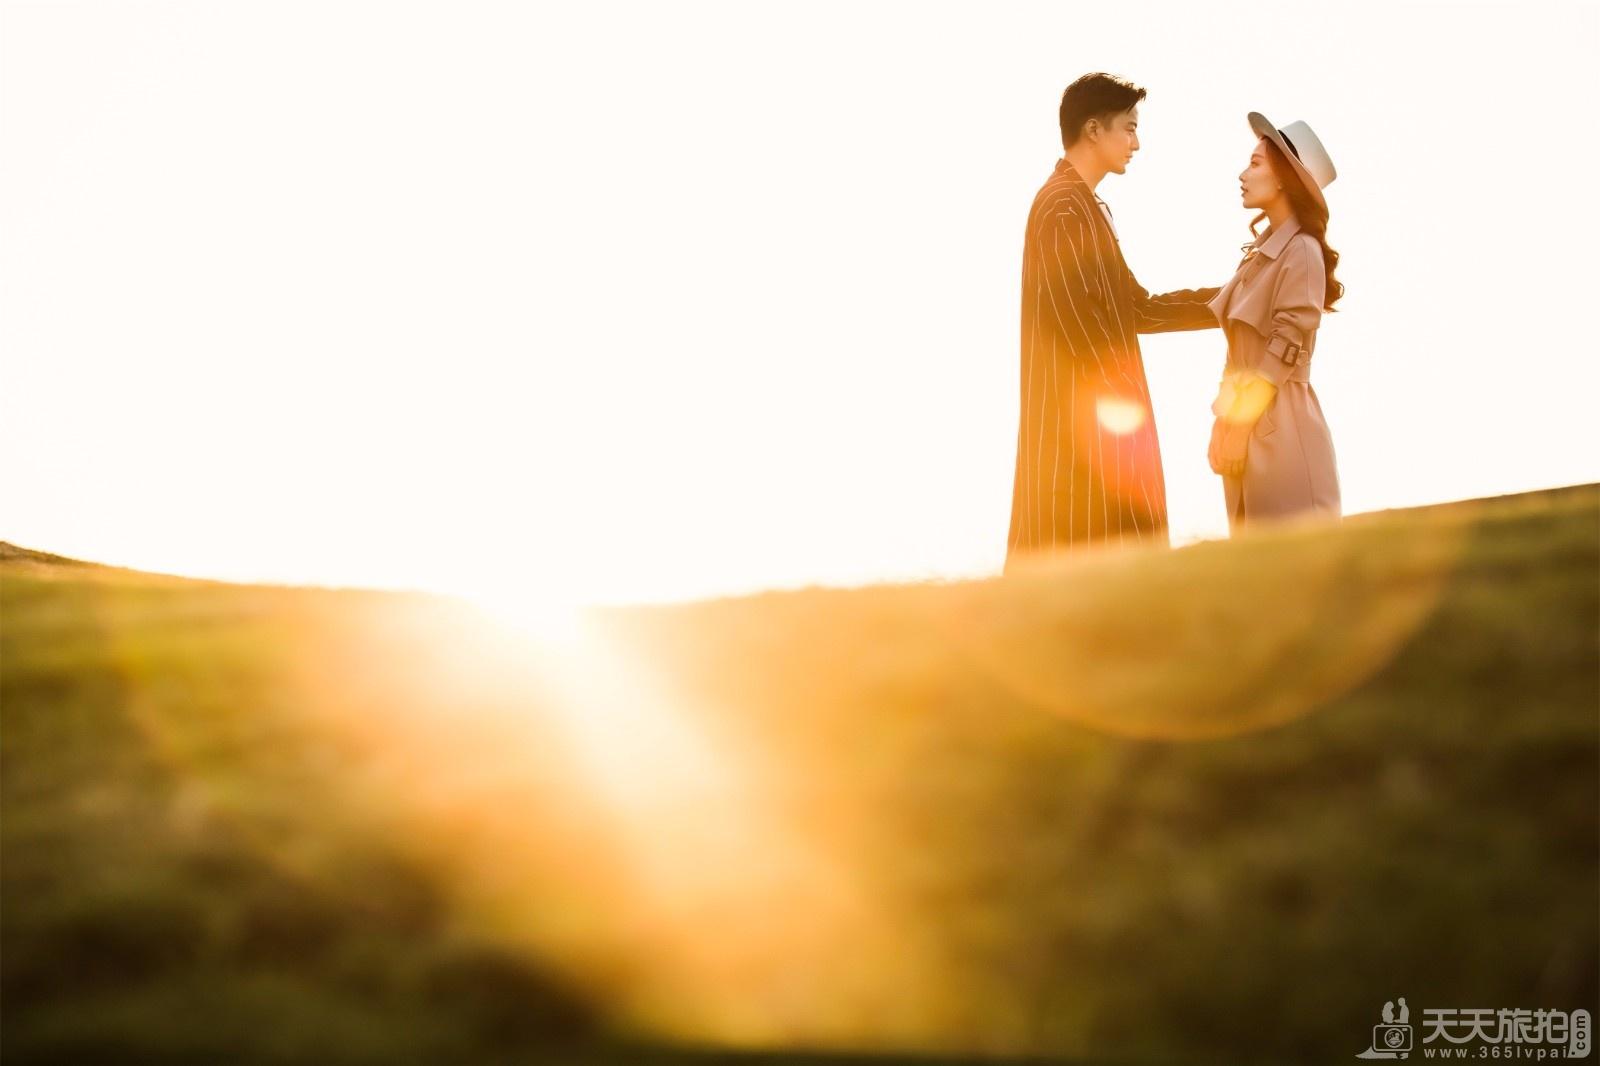 结婚堵门问题,都是伴娘团考验新郎爱新娘的小妙招